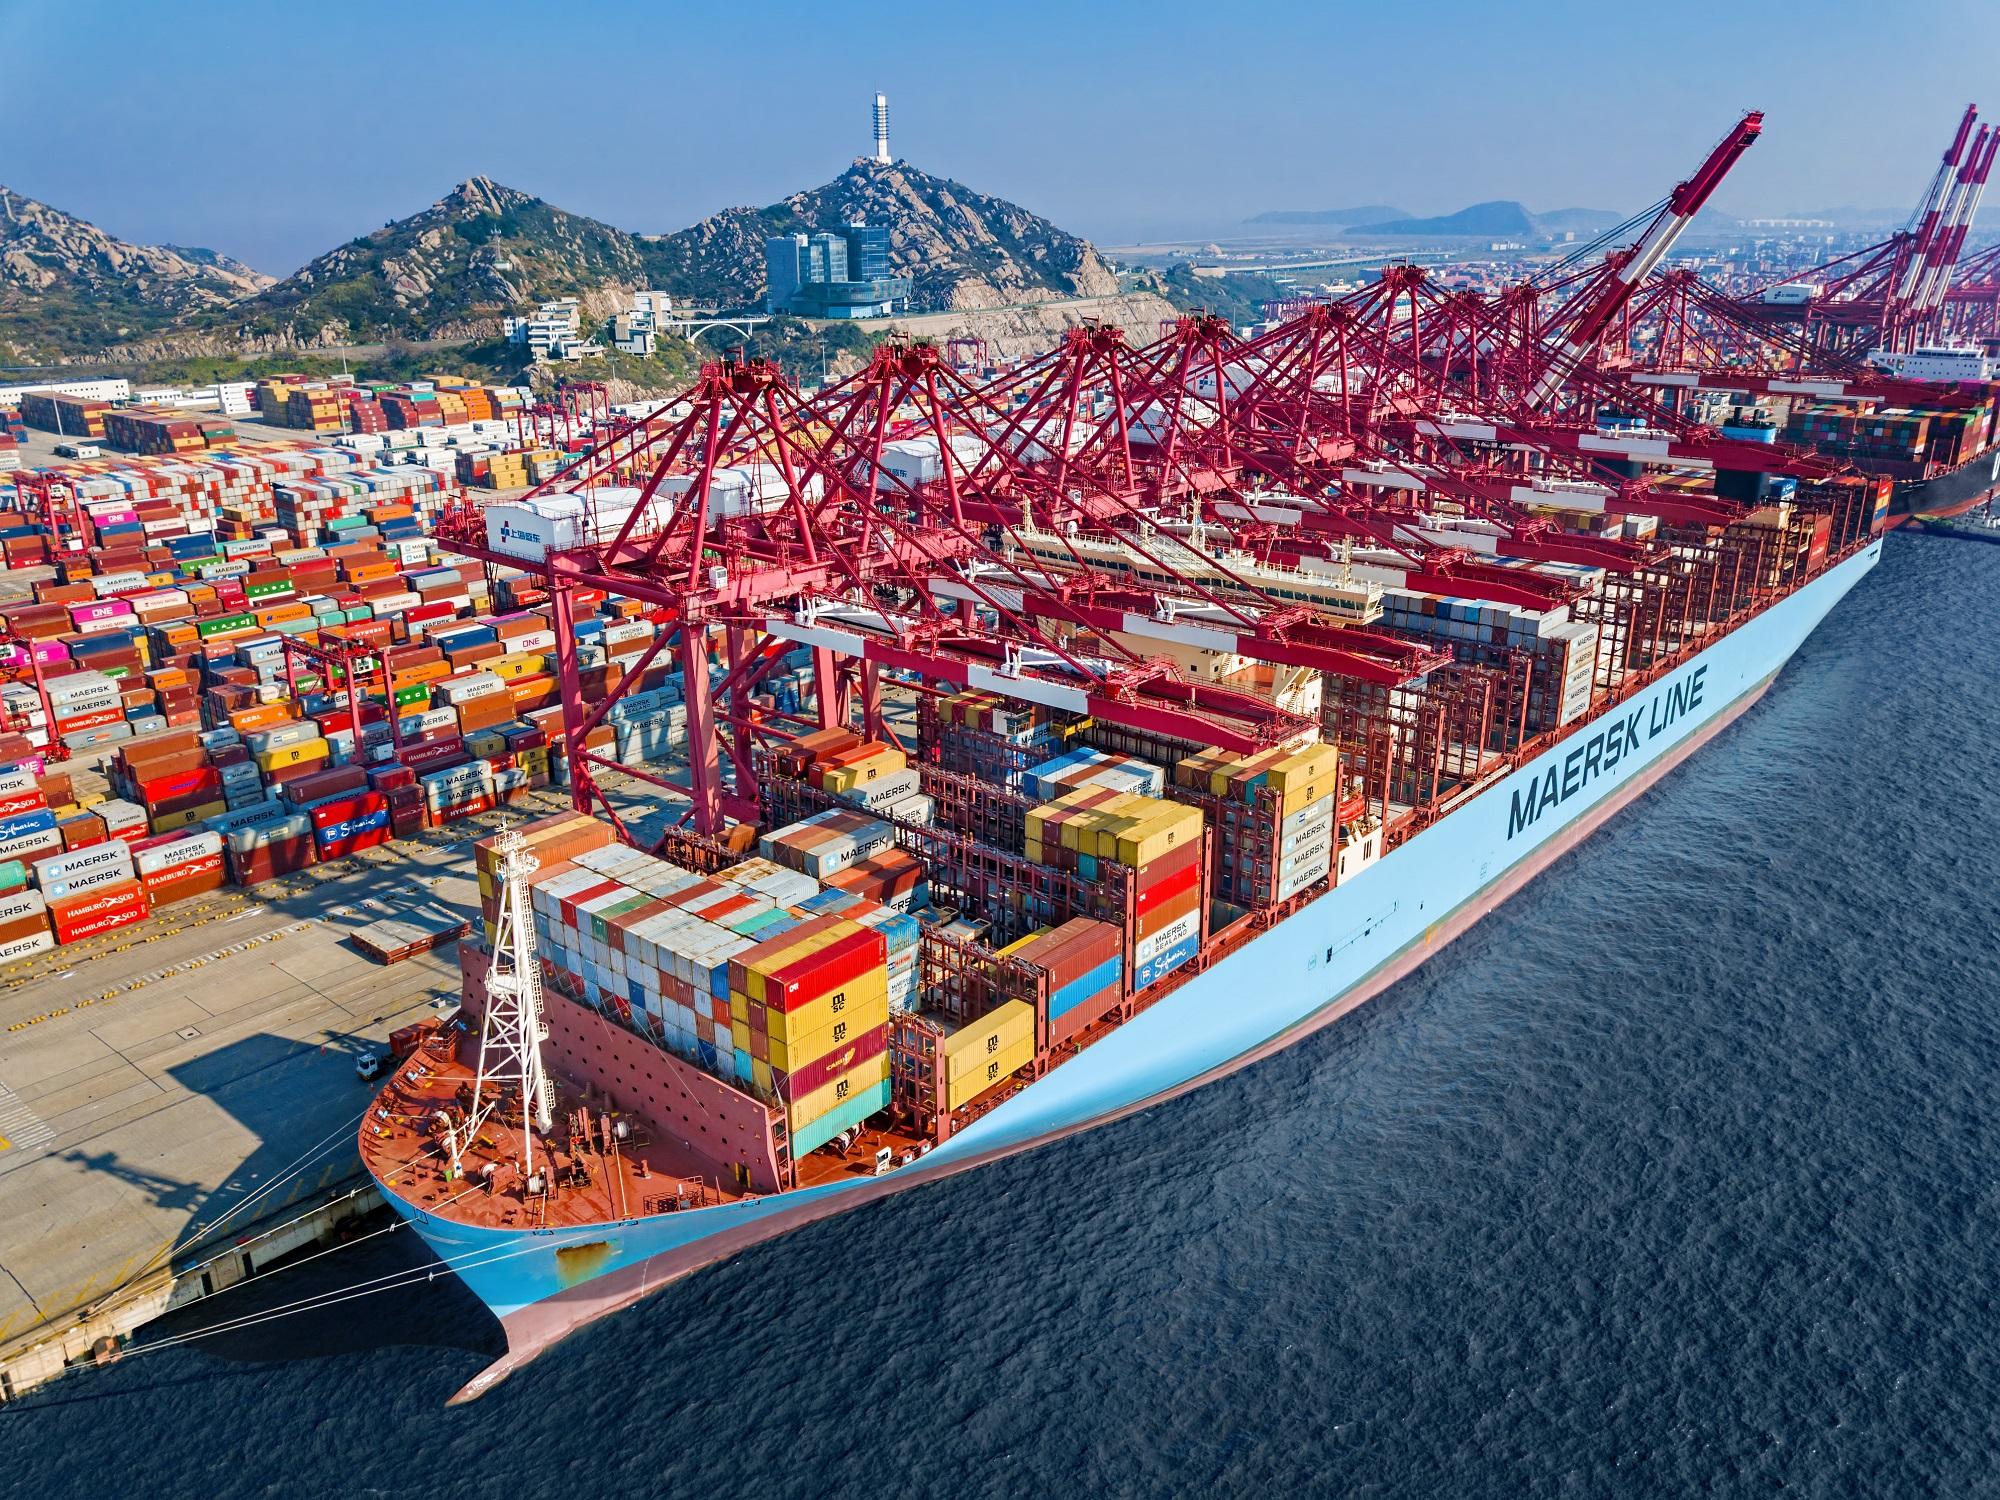 فرصتک للحصول على عمل مع Maersk موريتانيا